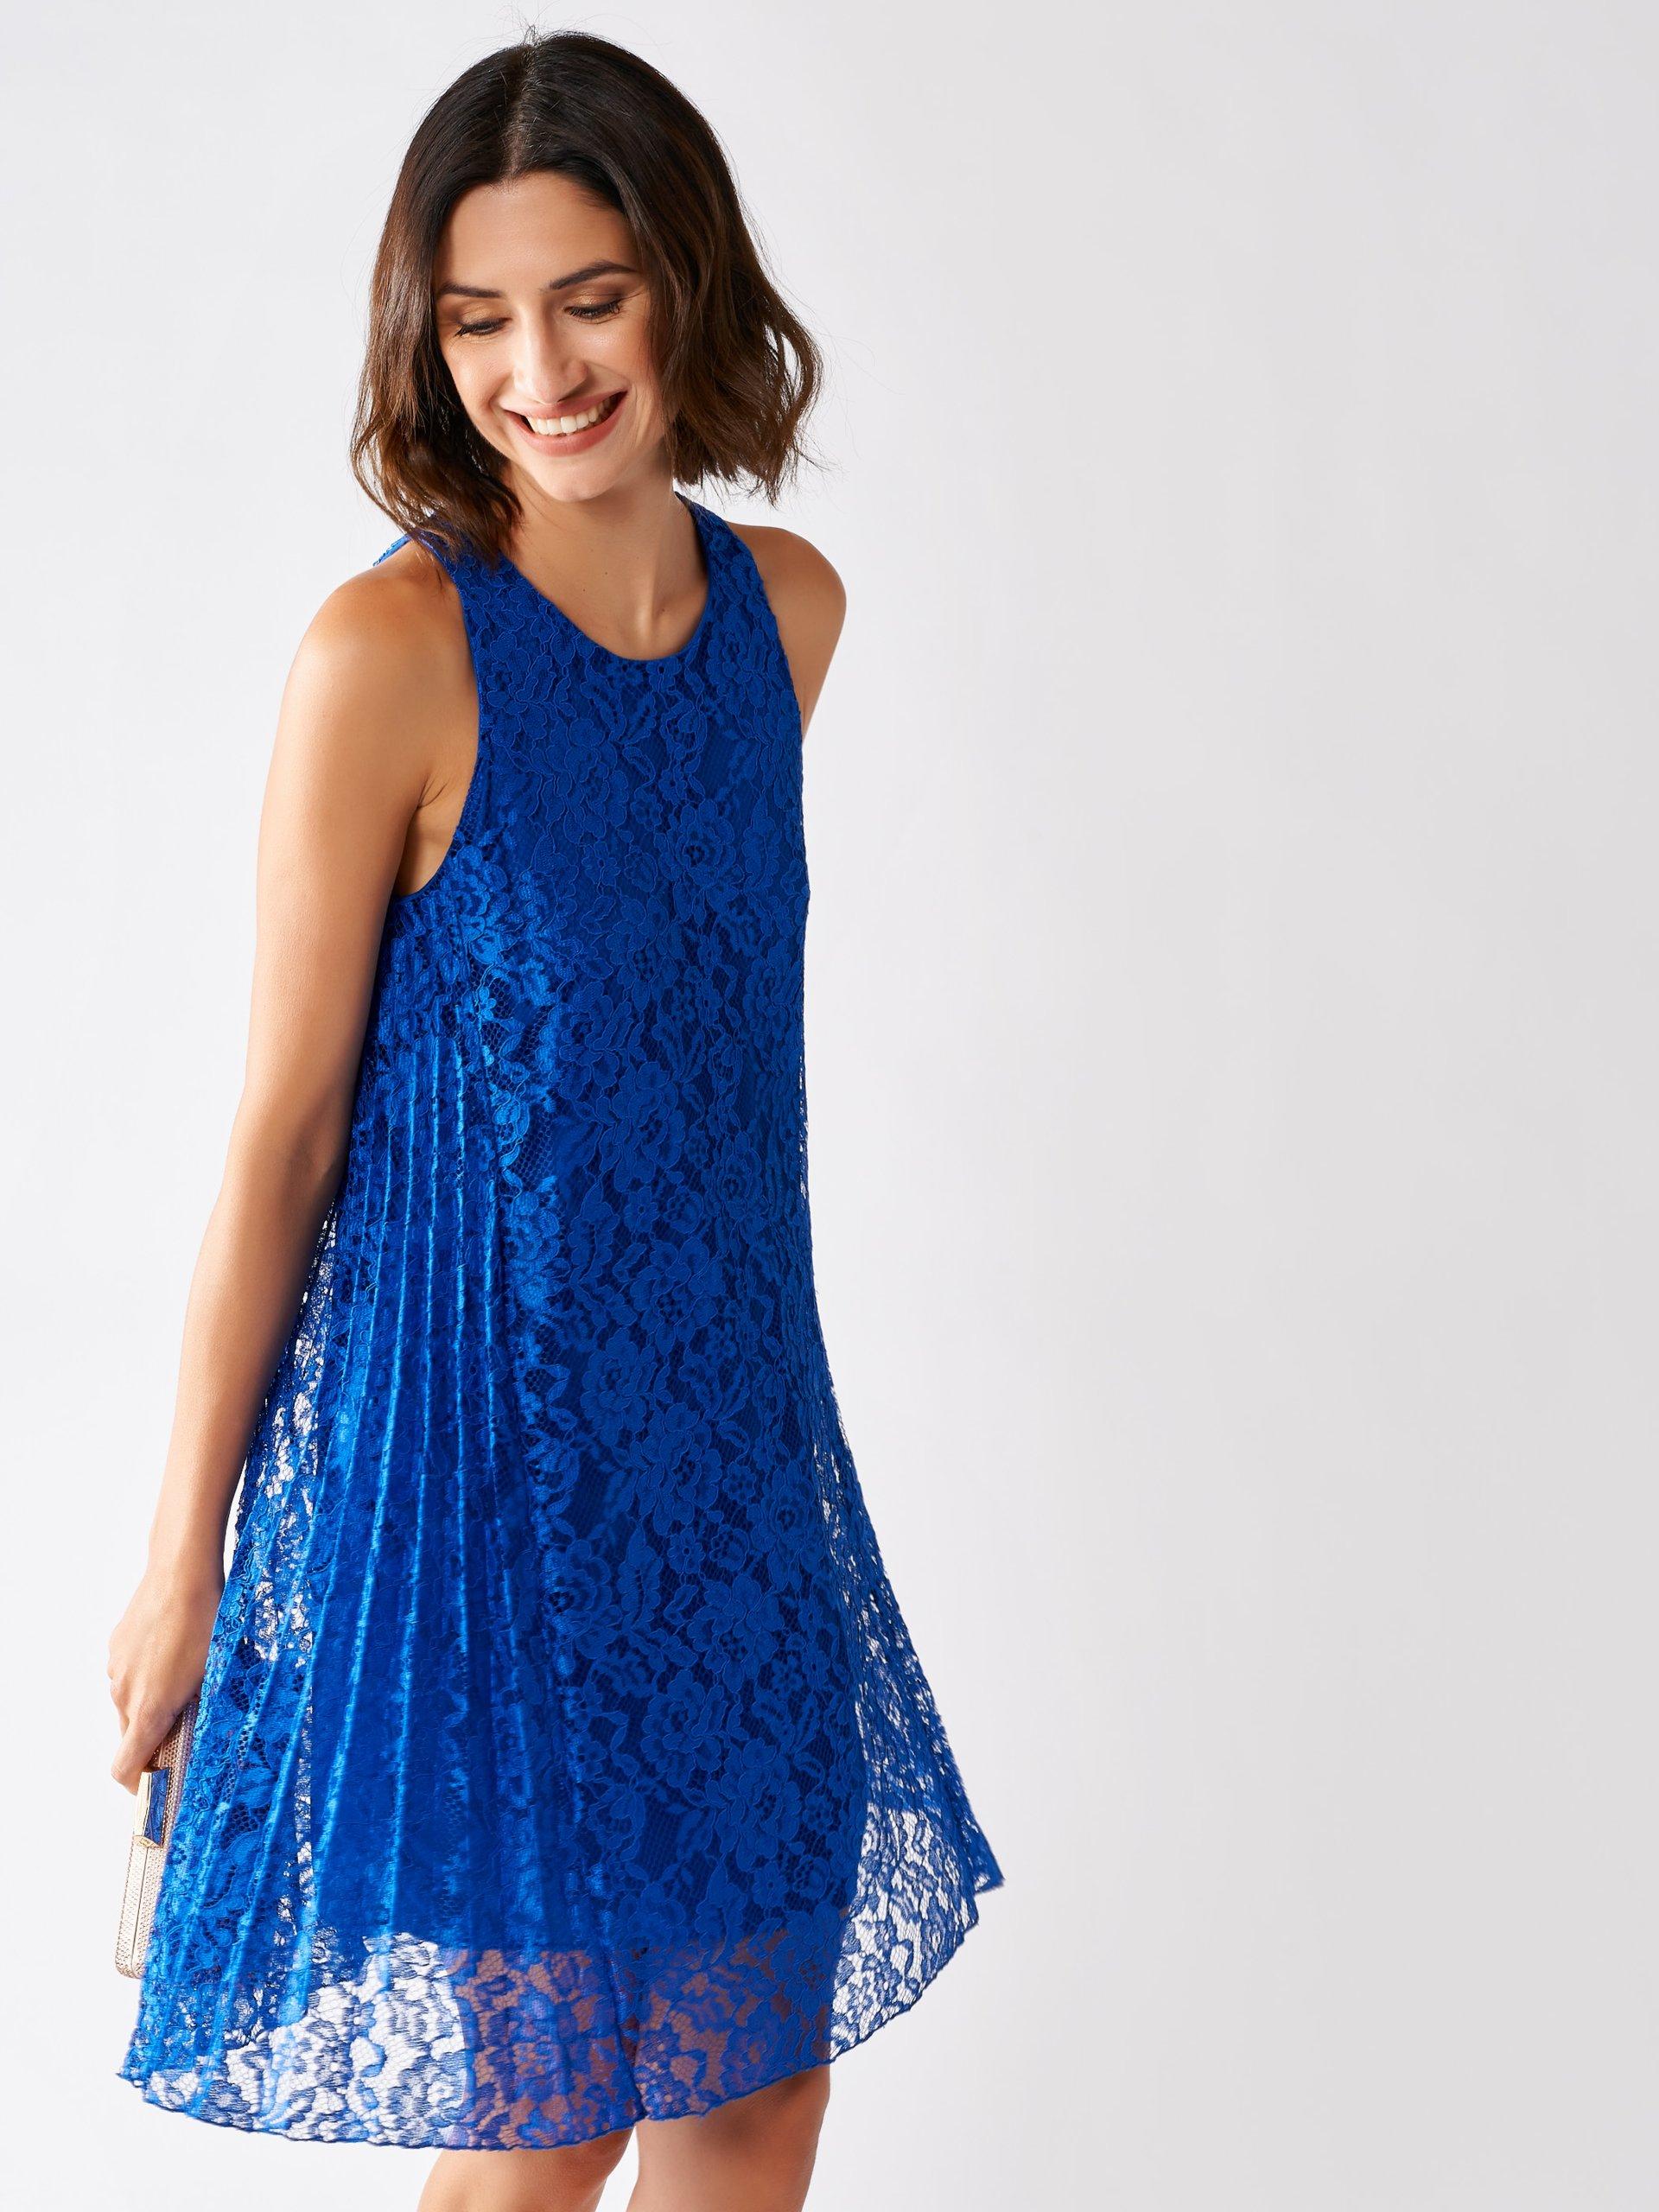 Kurzes Kleid Aus Spitze Und Plissee China Blau Rinascimento Kleider Fs 2020